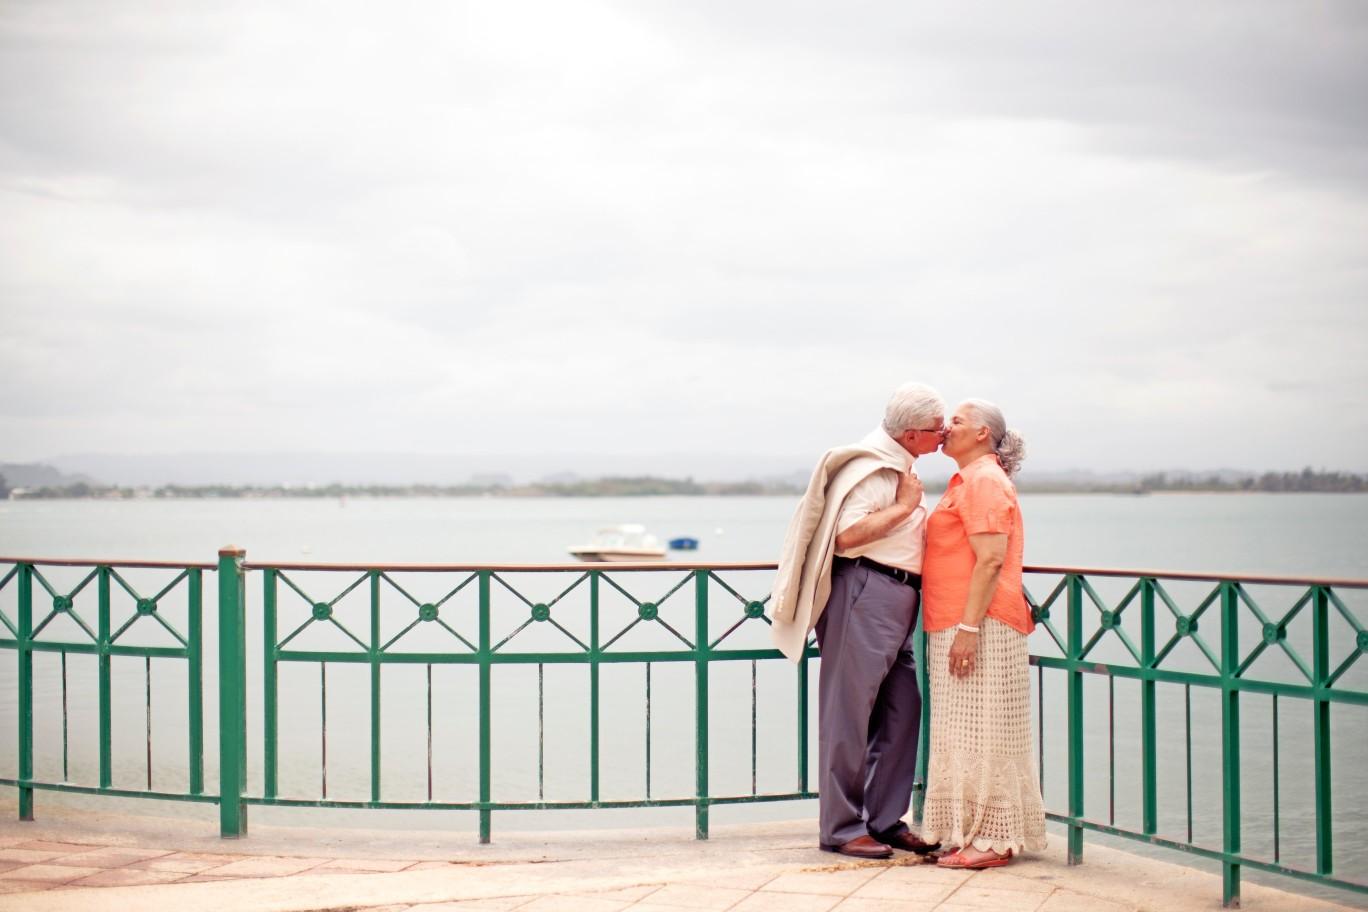 愛的五種語言,是讓你懂得對方的主要語言,明白對方真正想要的是什麼